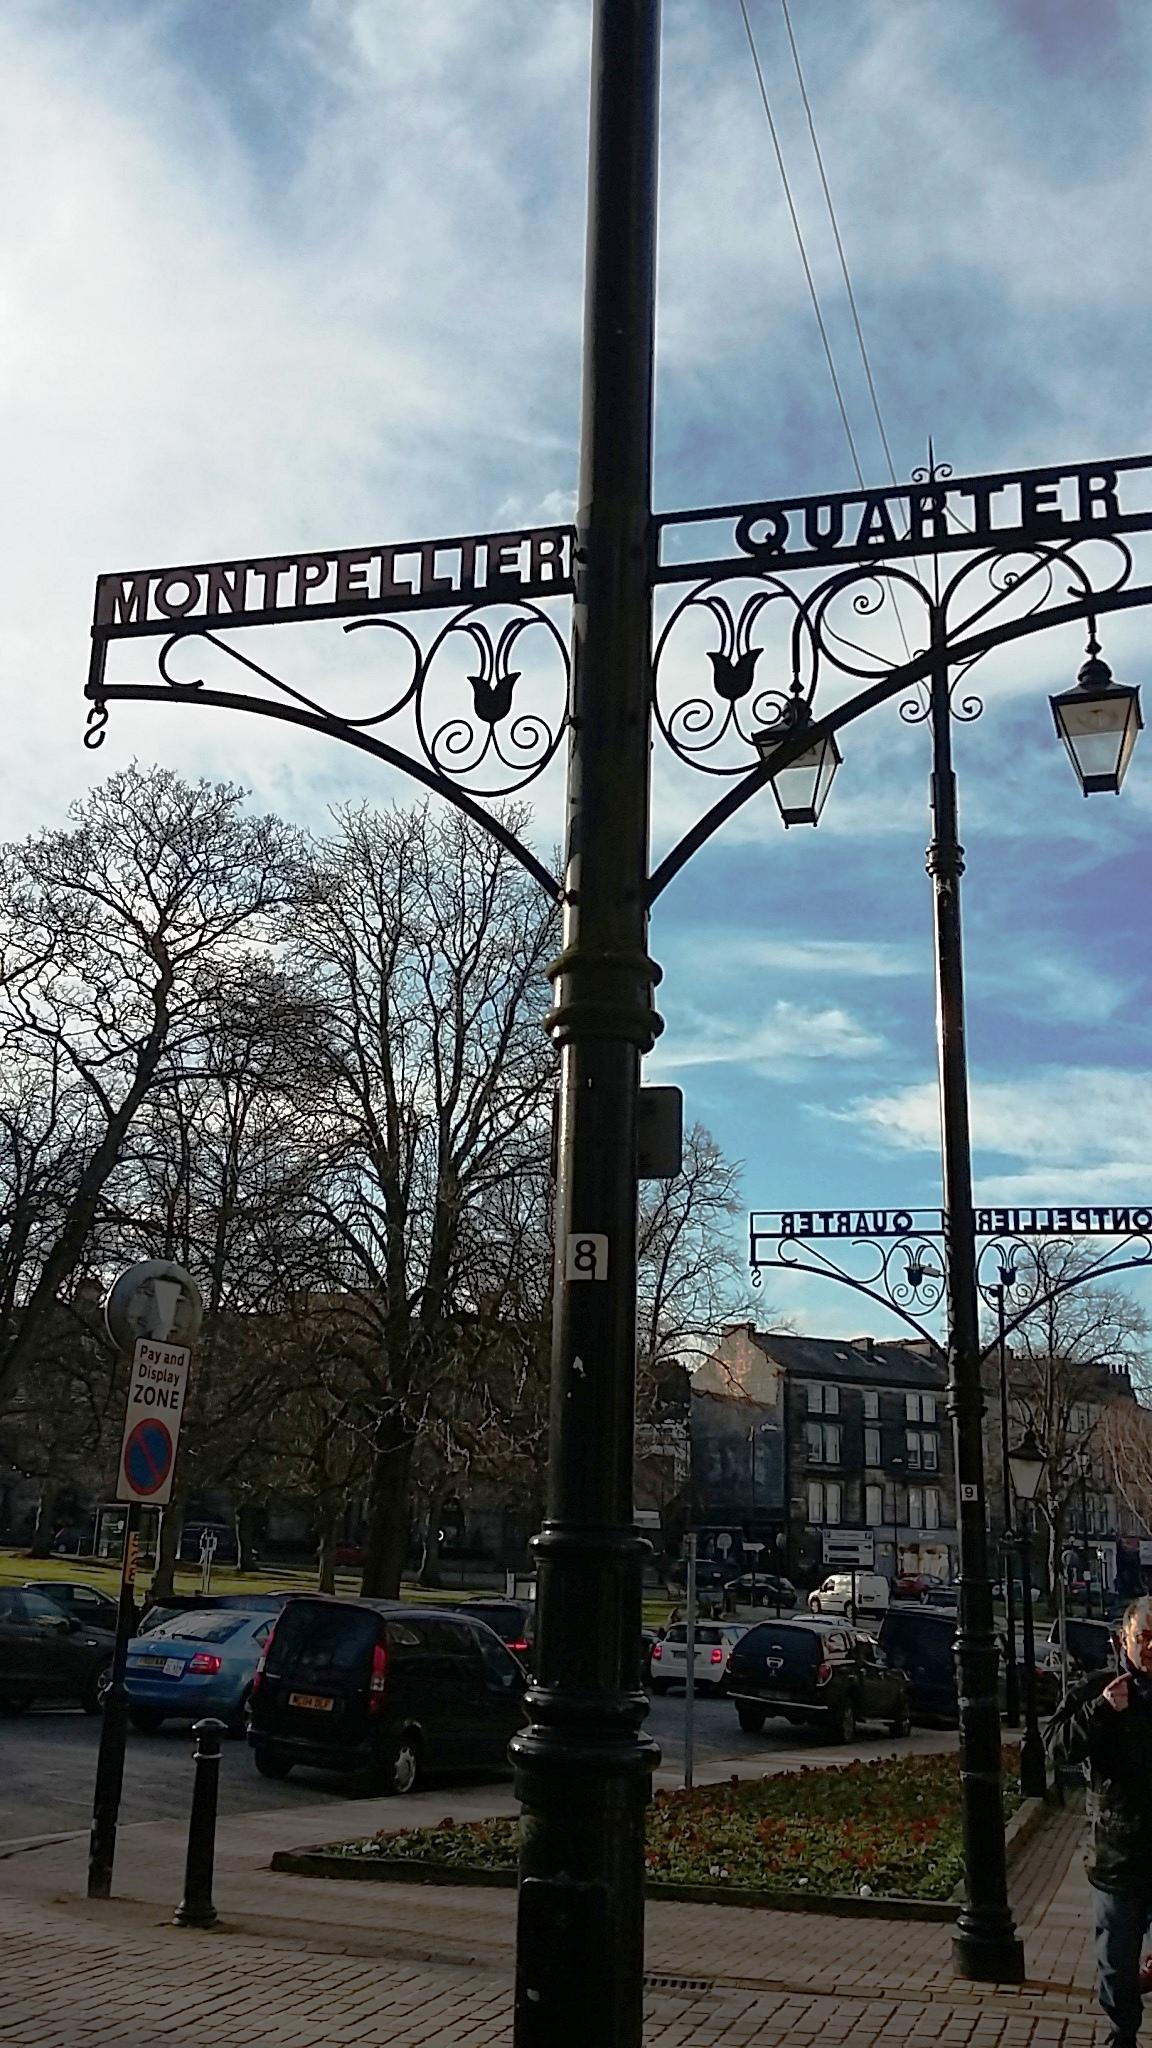 Montpelier Quarter Harrogate